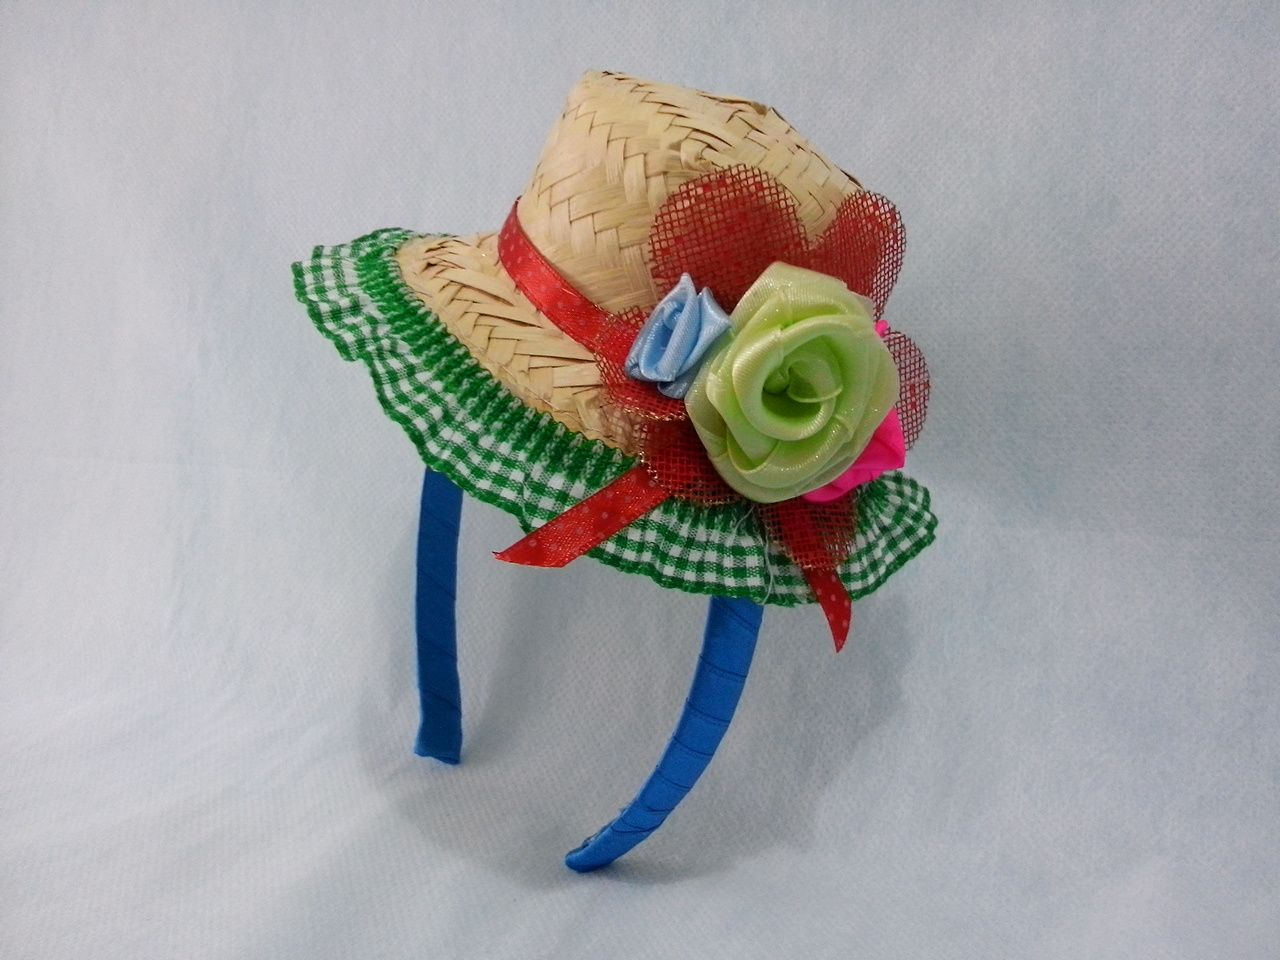 Linda tiara feita encapada com fita de cetim colorida e chapéu de palha  decorado com flores artificiais de tecido. Prazo de entrega  7 dias úteis. 5f227405b98